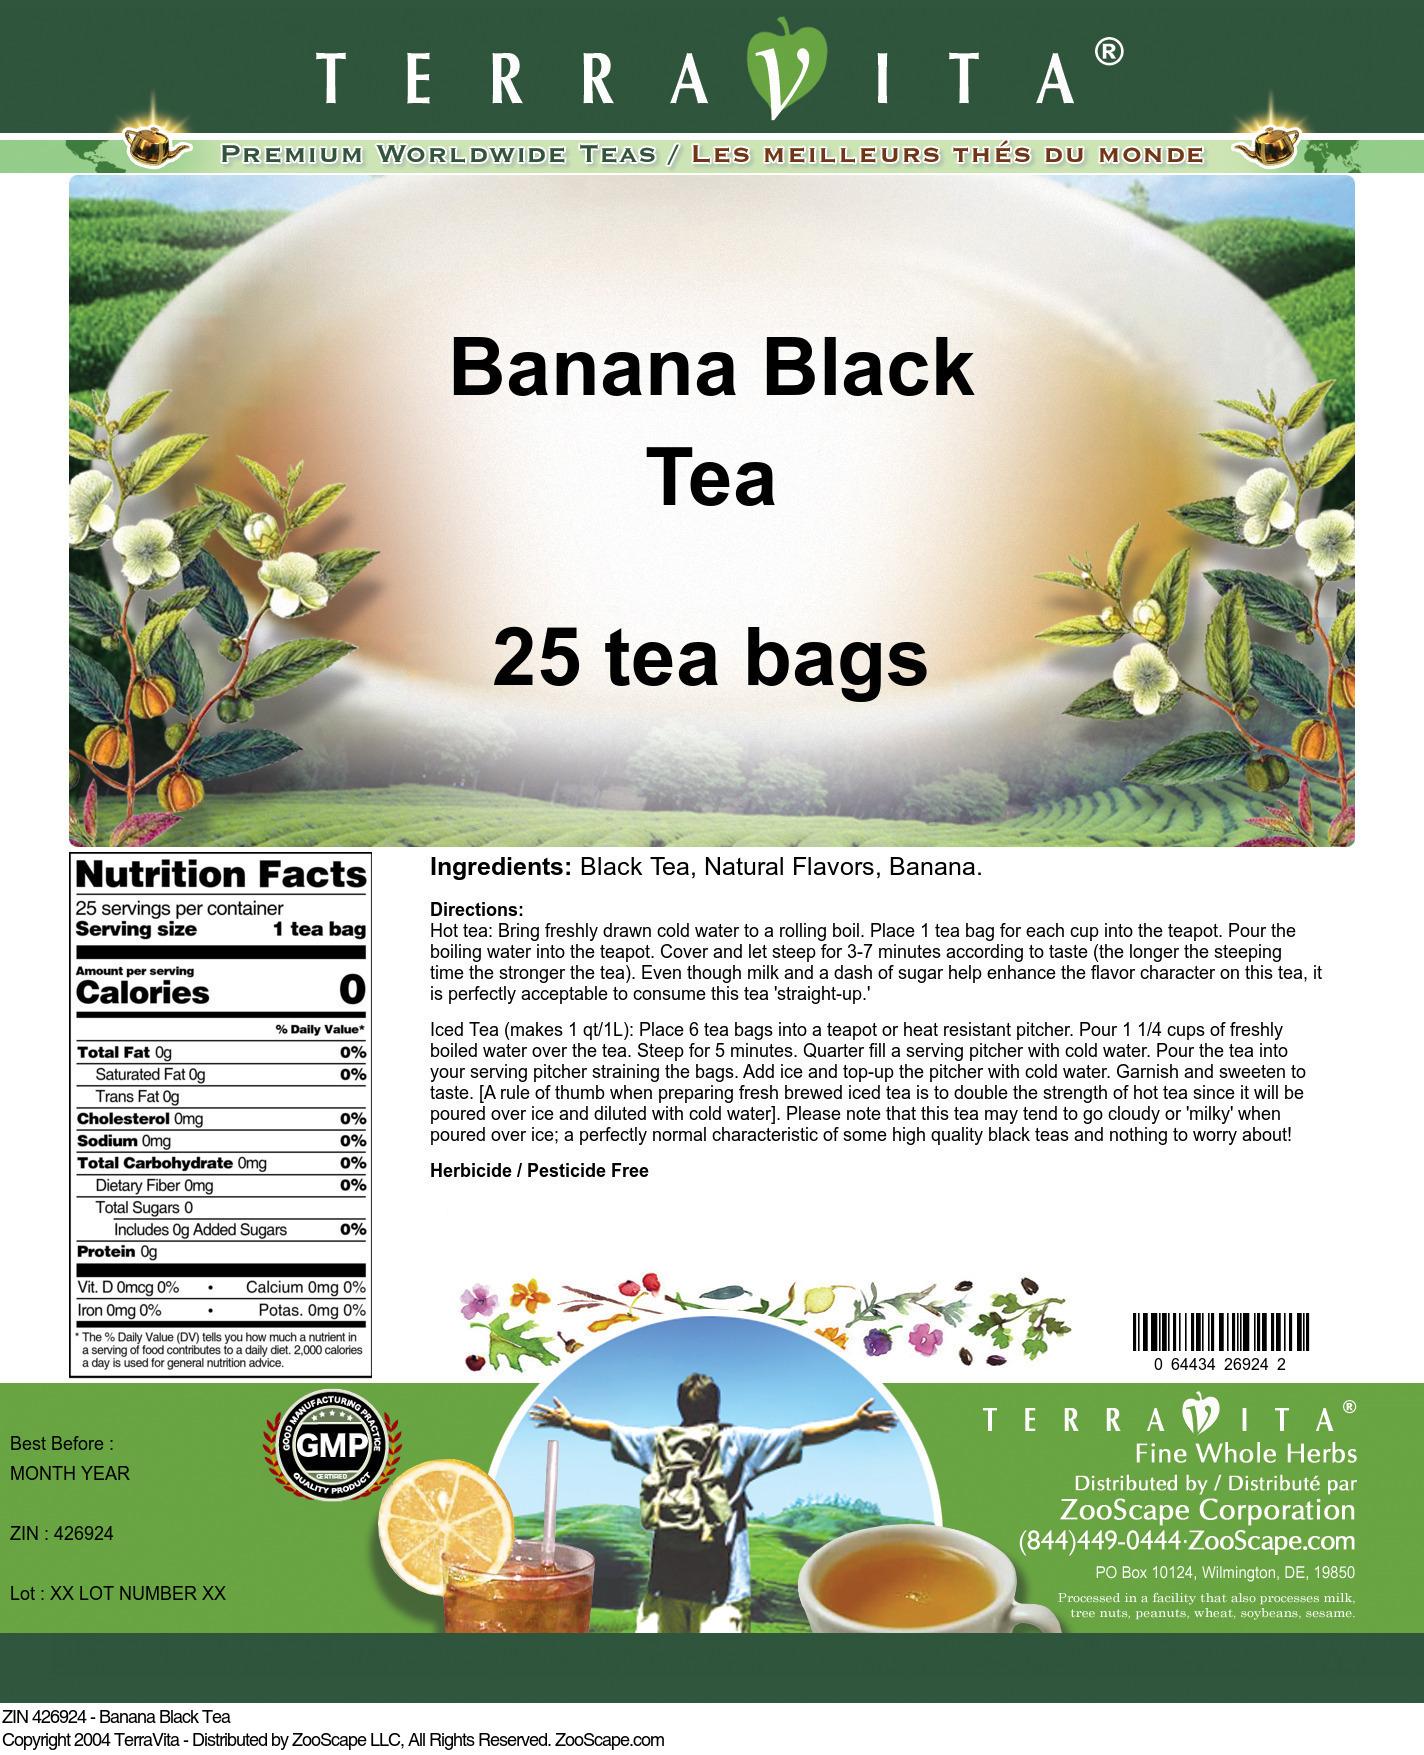 Banana Black Tea